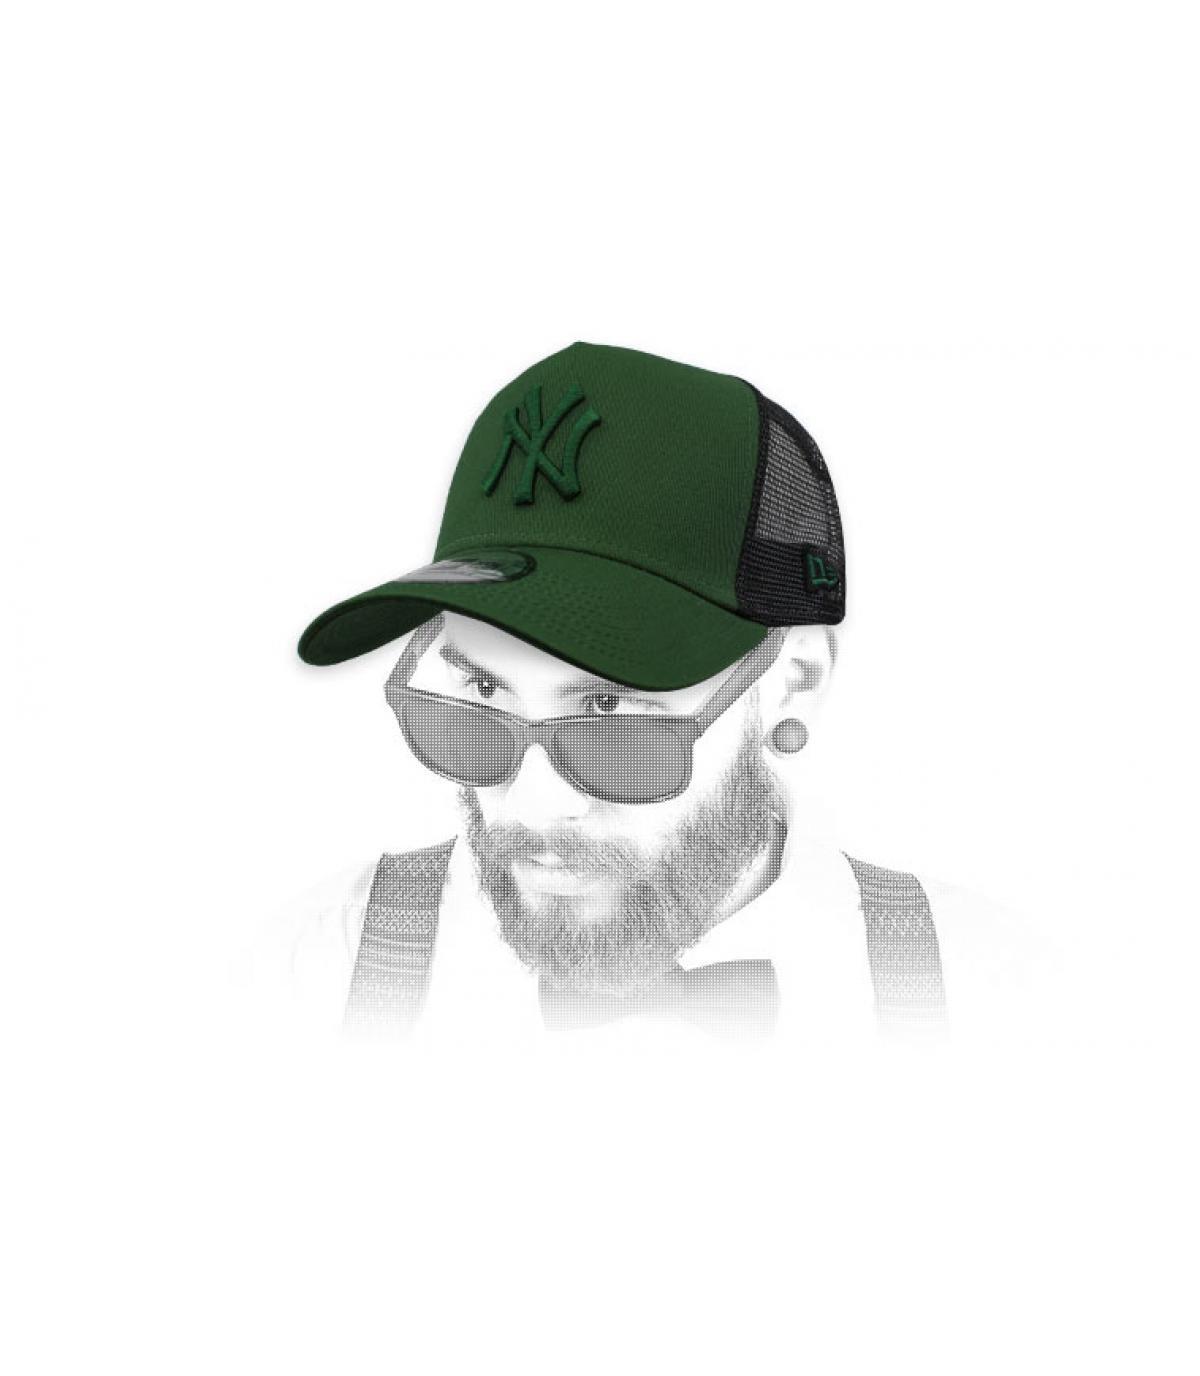 zwarte NY trucker groen